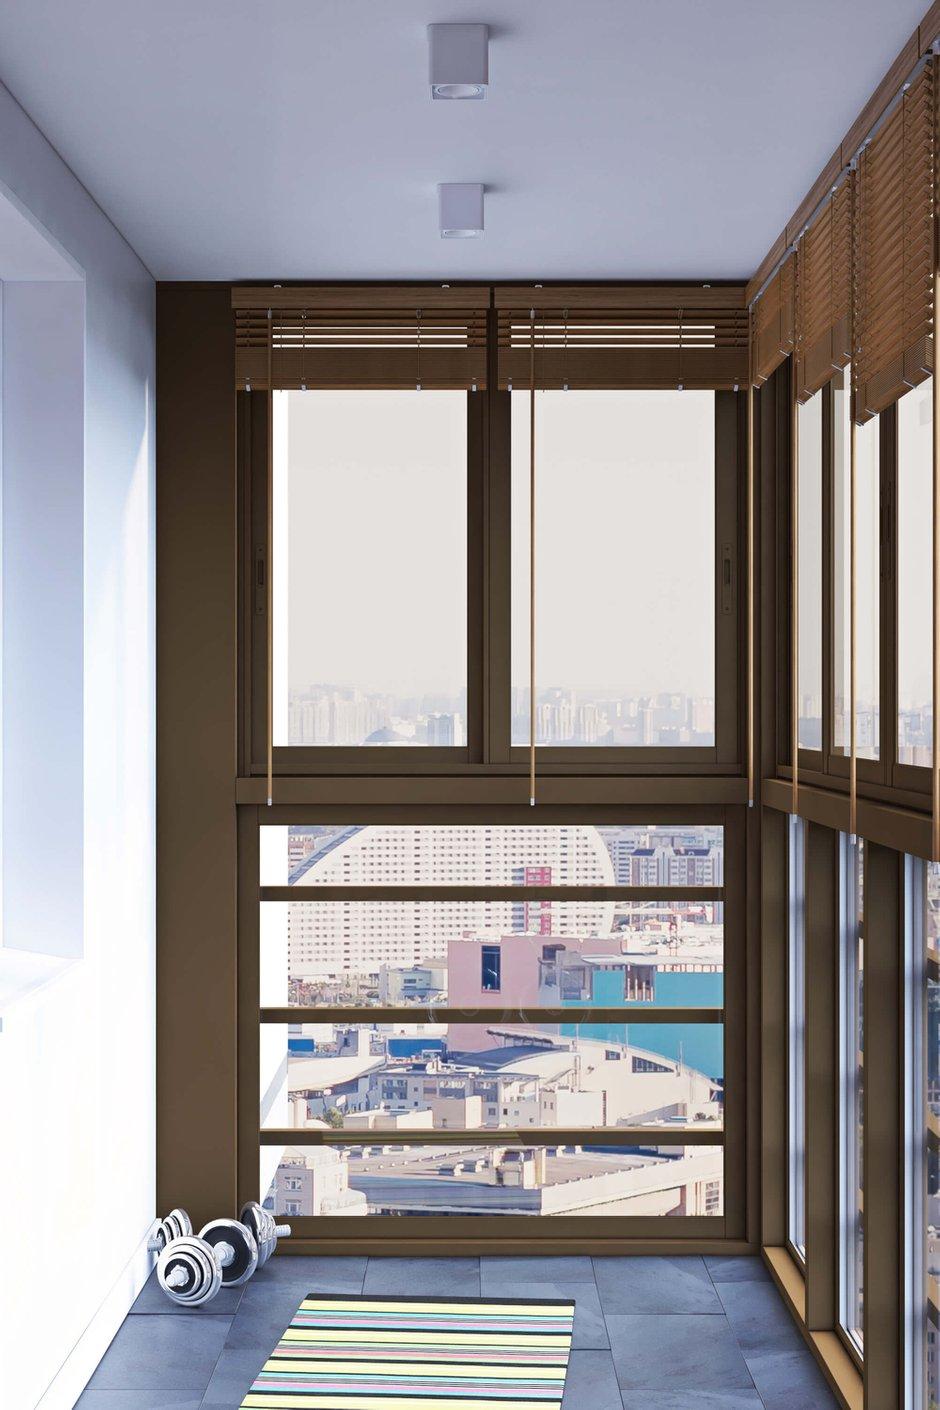 Фотография: Балкон в стиле Современный, Лофт, Квартира, Проект недели, Одинцово, Geometrium, Московская область, Монолитный дом, 2 комнаты, 60-90 метров – фото на InMyRoom.ru